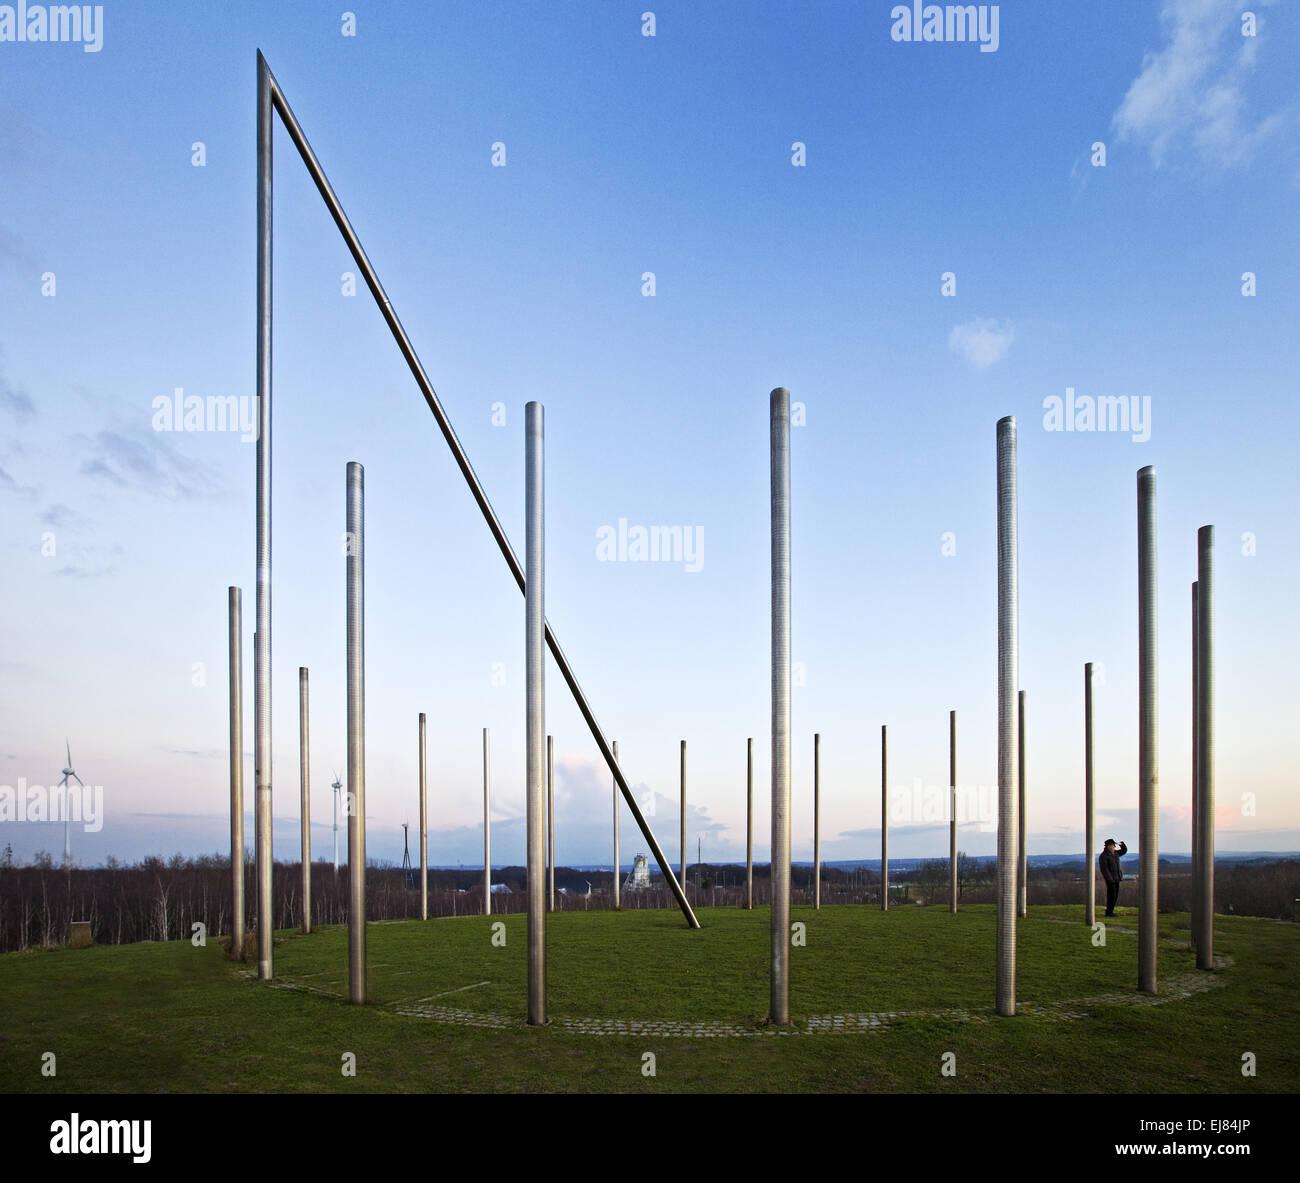 Sundial, Schwerin tip, Castrop-Rauxel, Germany - Stock Image